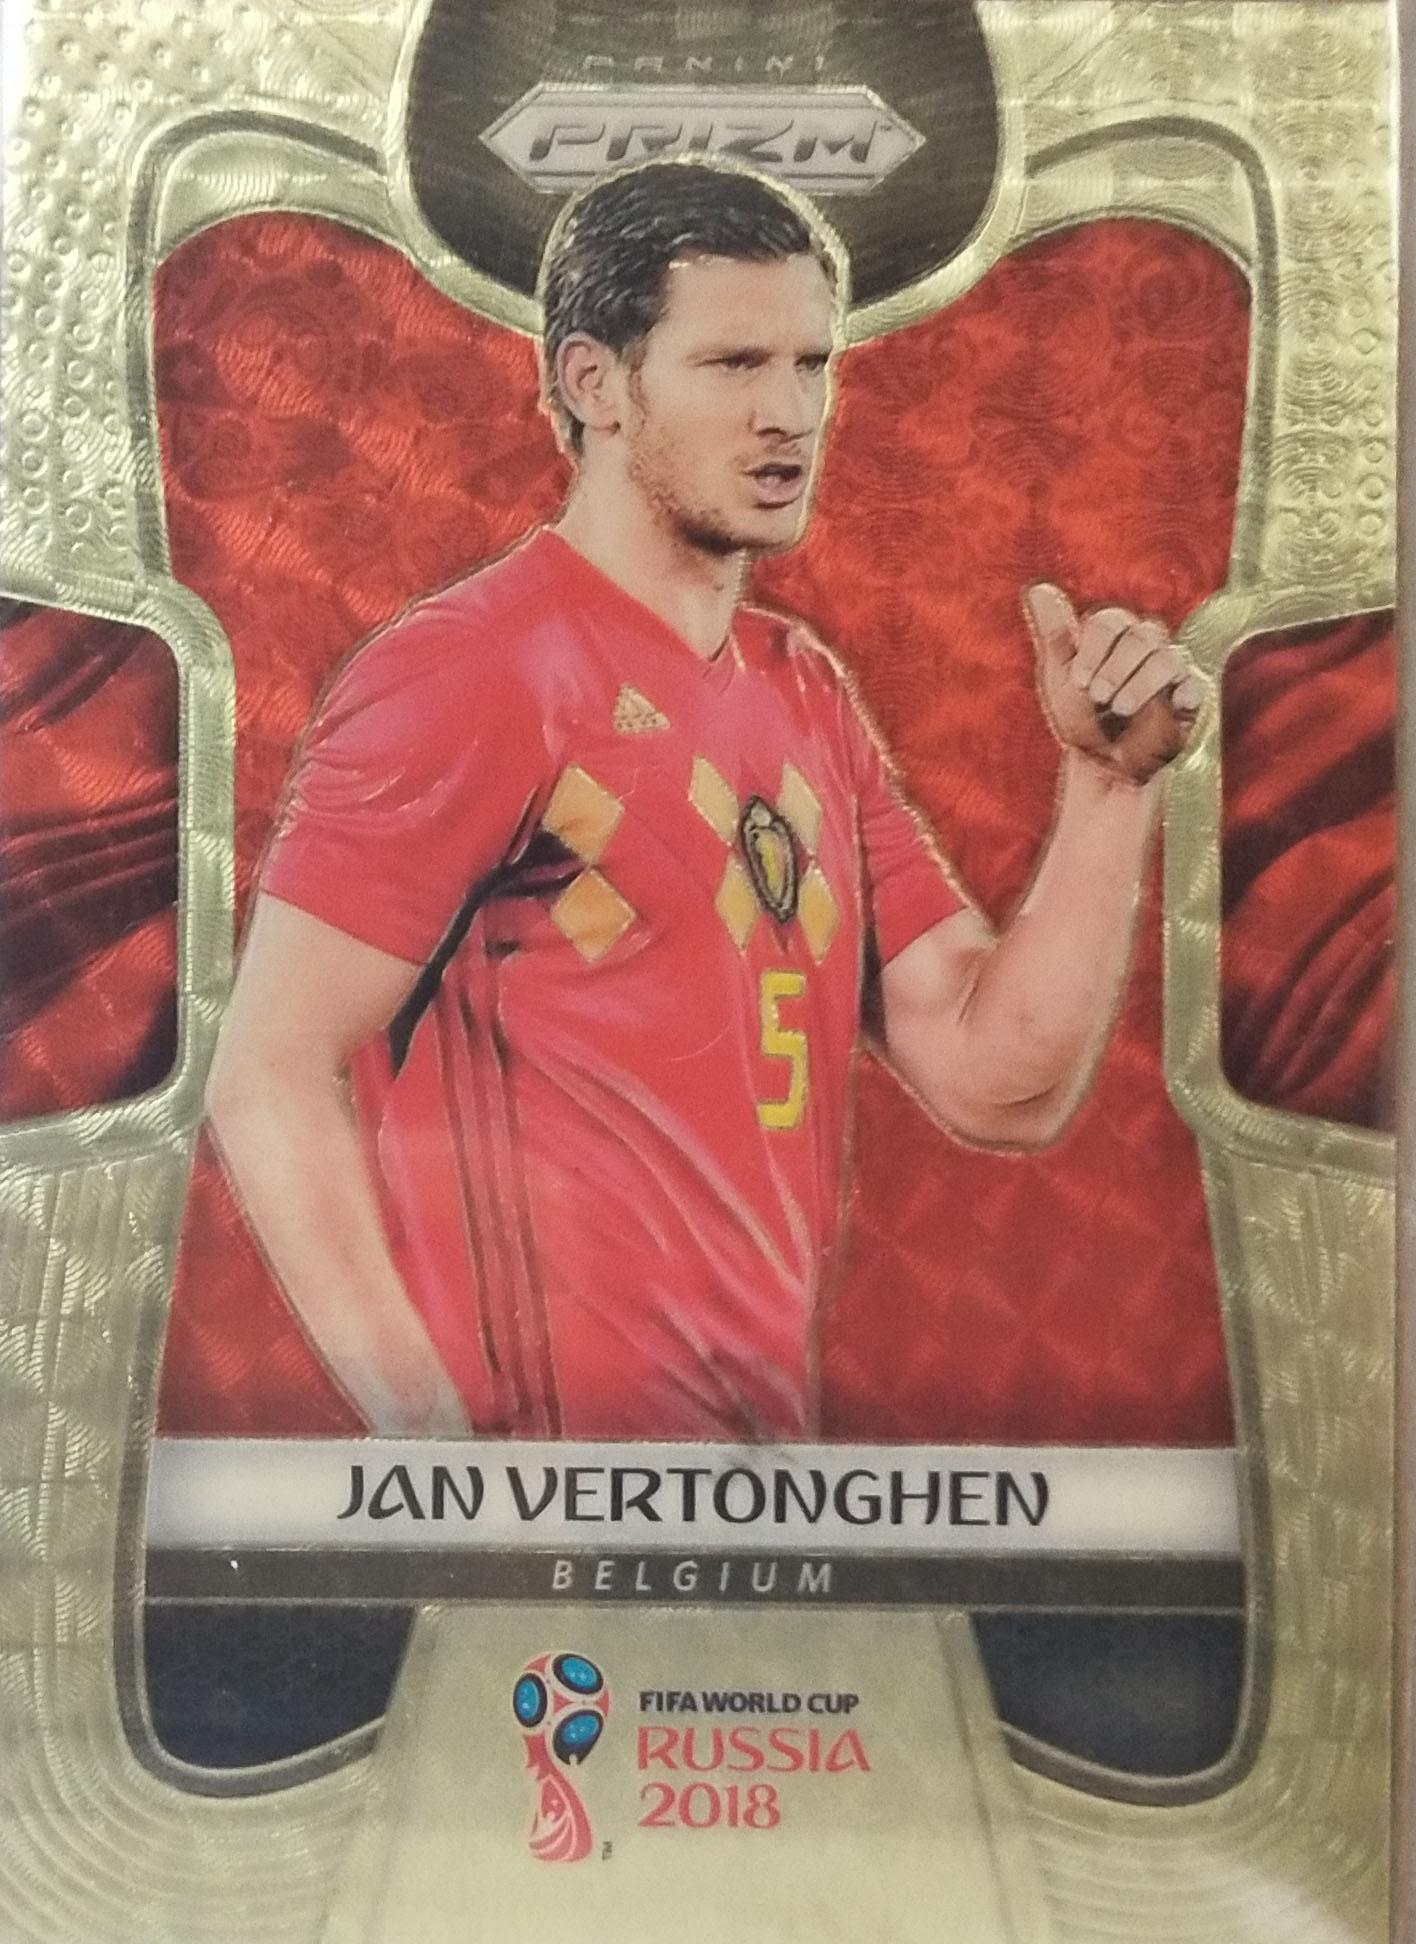 【自若清风】2018Panini帕尼尼俄罗斯世界杯Jan Vertonghen费尔通亨比利时1/5NO.16普卡